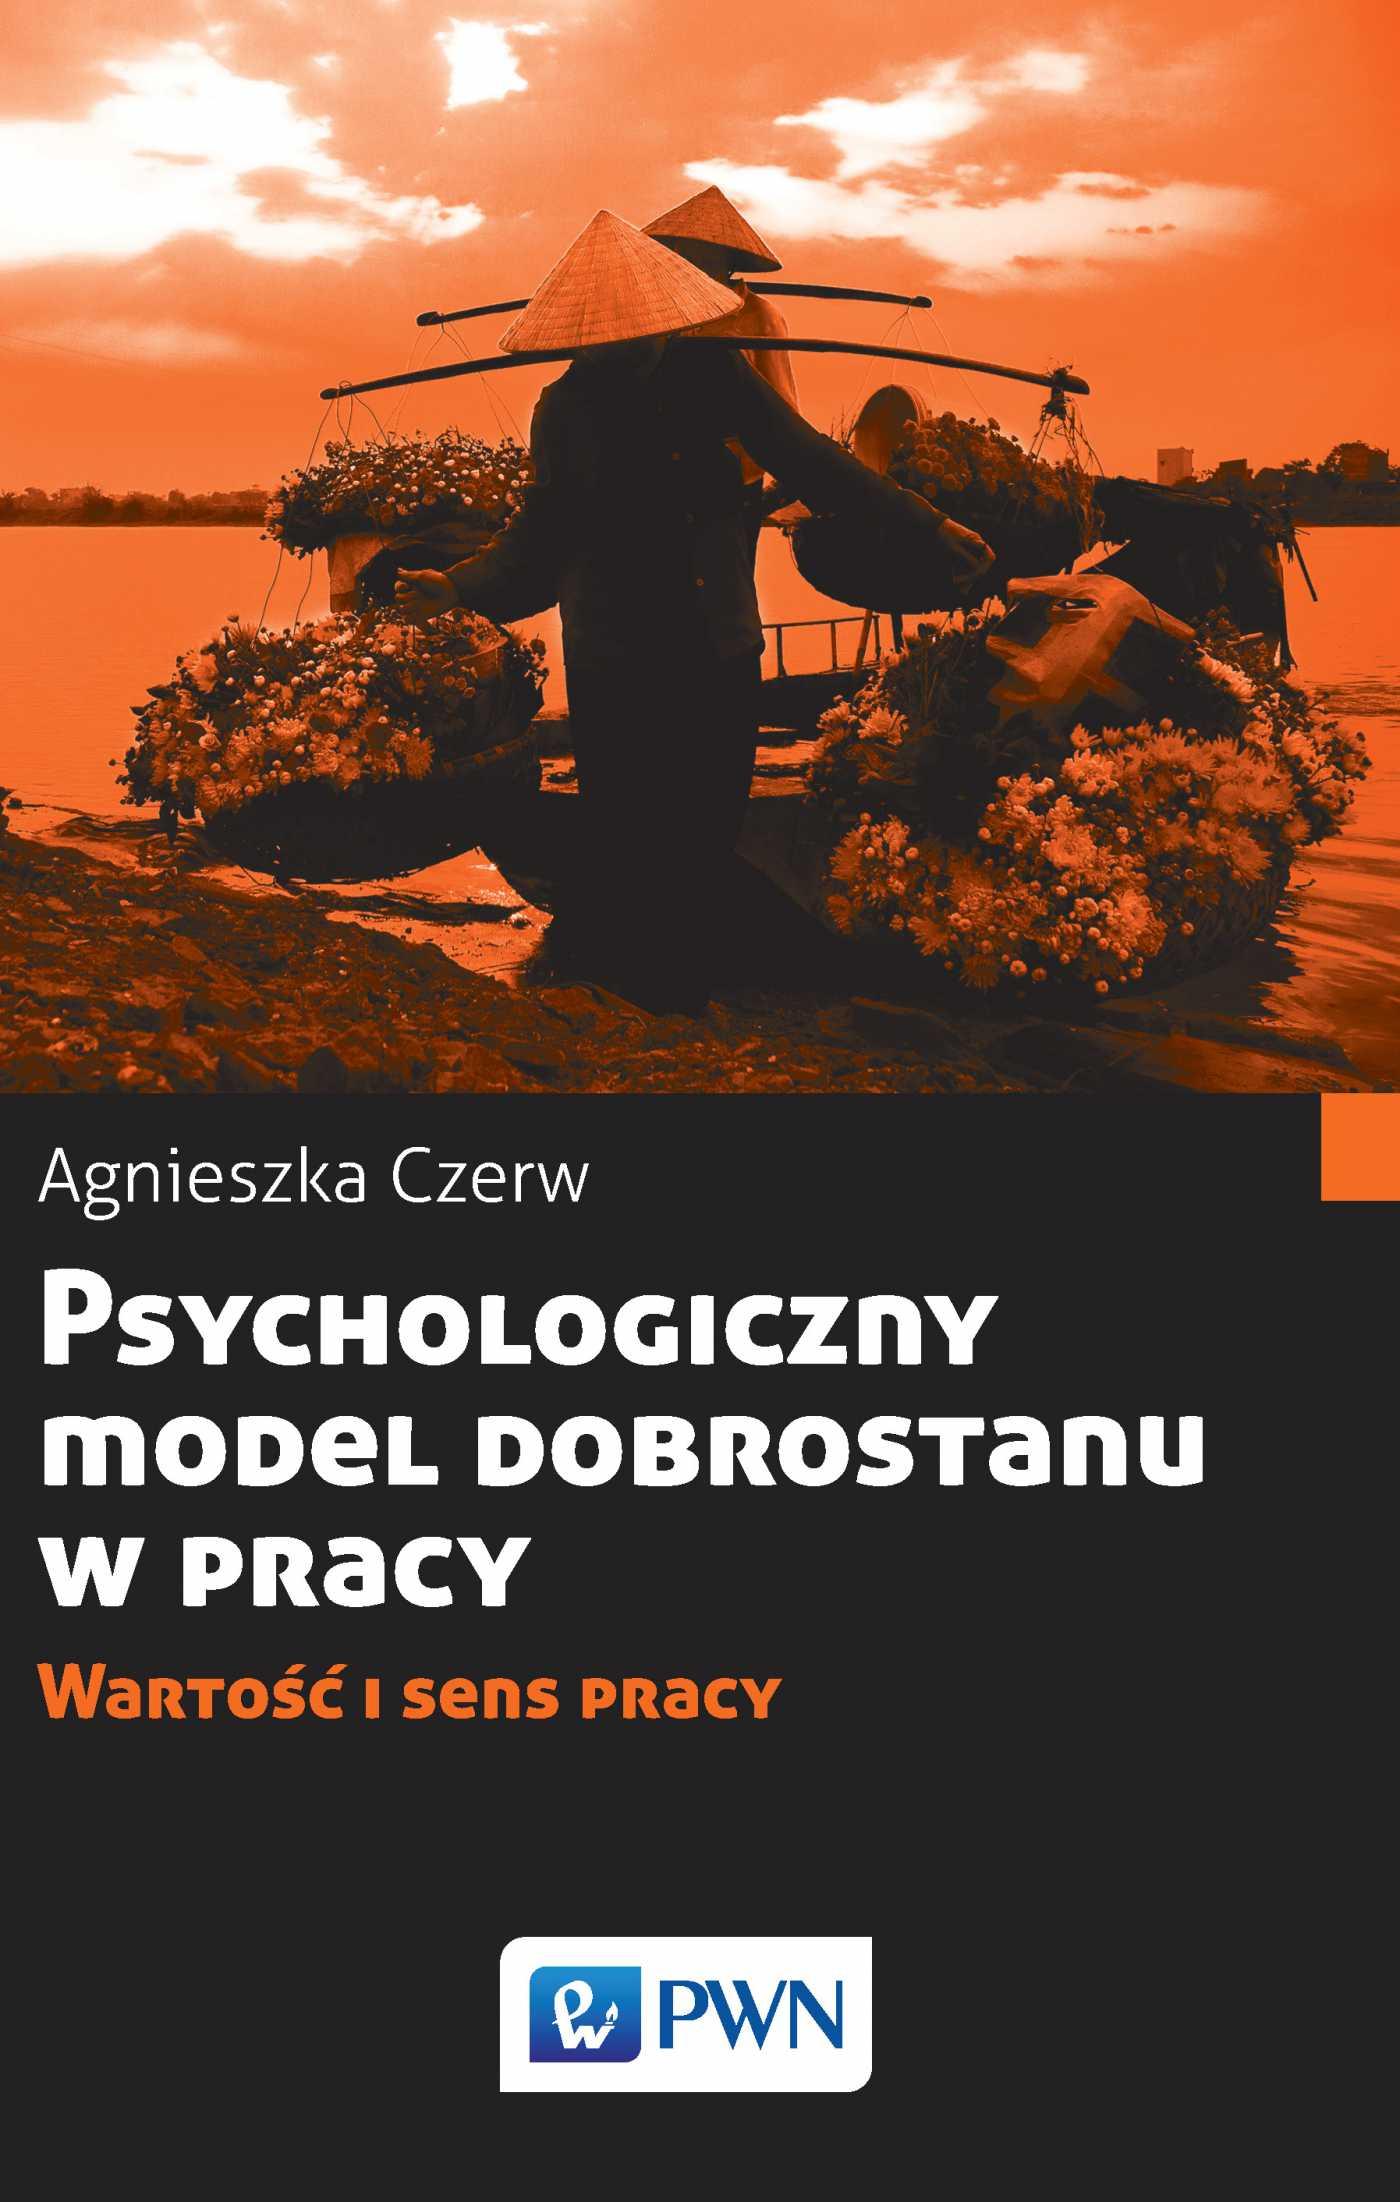 Psychologiczny model dobrostanu w pracy - Ebook (Książka na Kindle) do pobrania w formacie MOBI